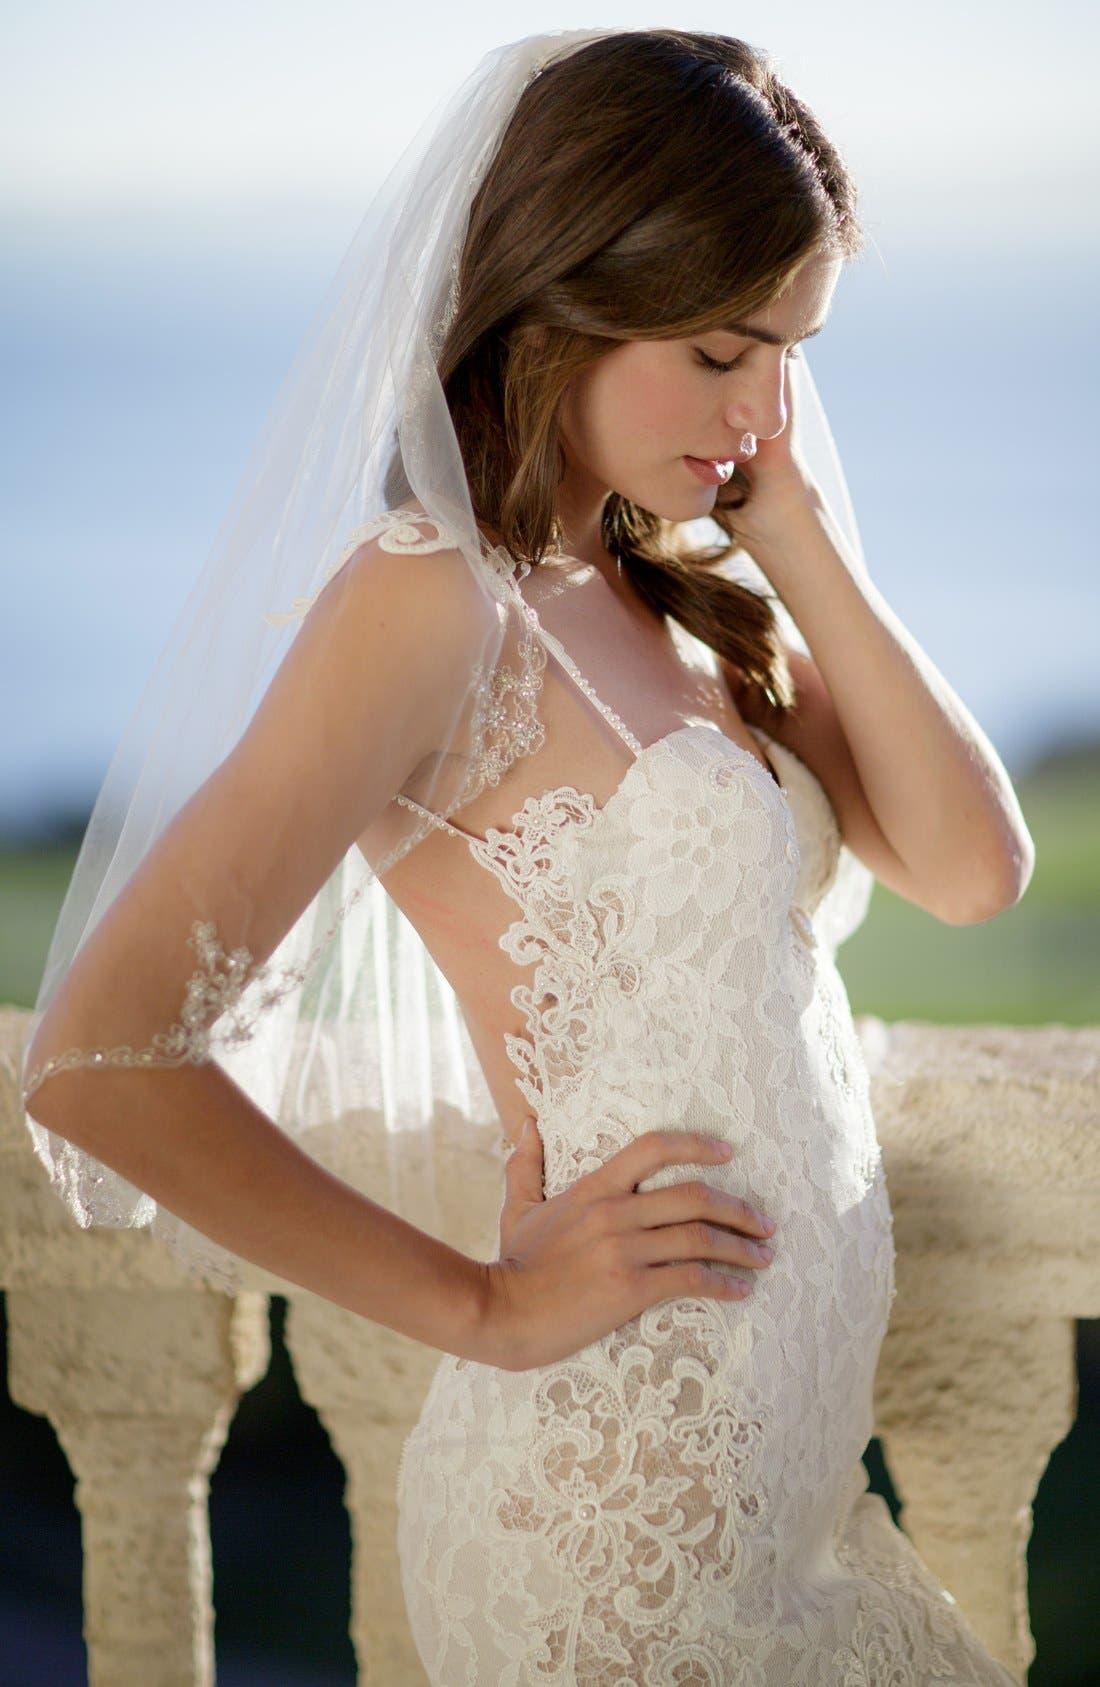 BRIDES & HAIRPINS Sophie Embellished Tulle Veil